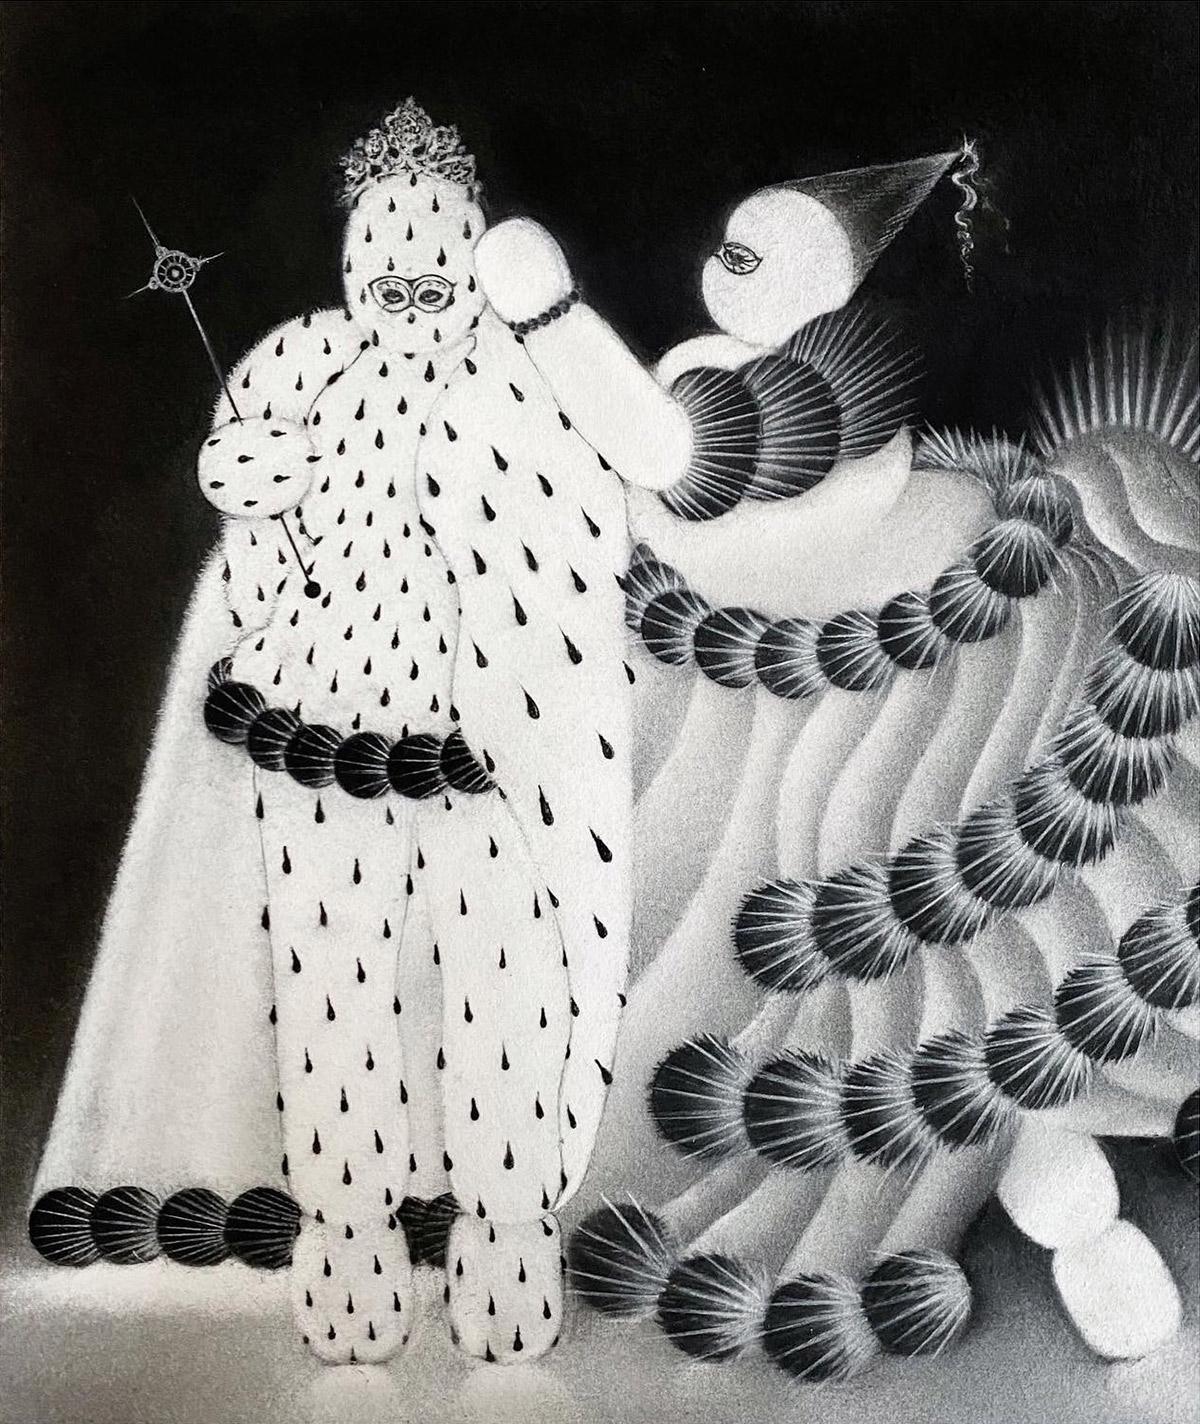 Duo Artístico Velvet Other World (VOW) Artes & contextos VOW6